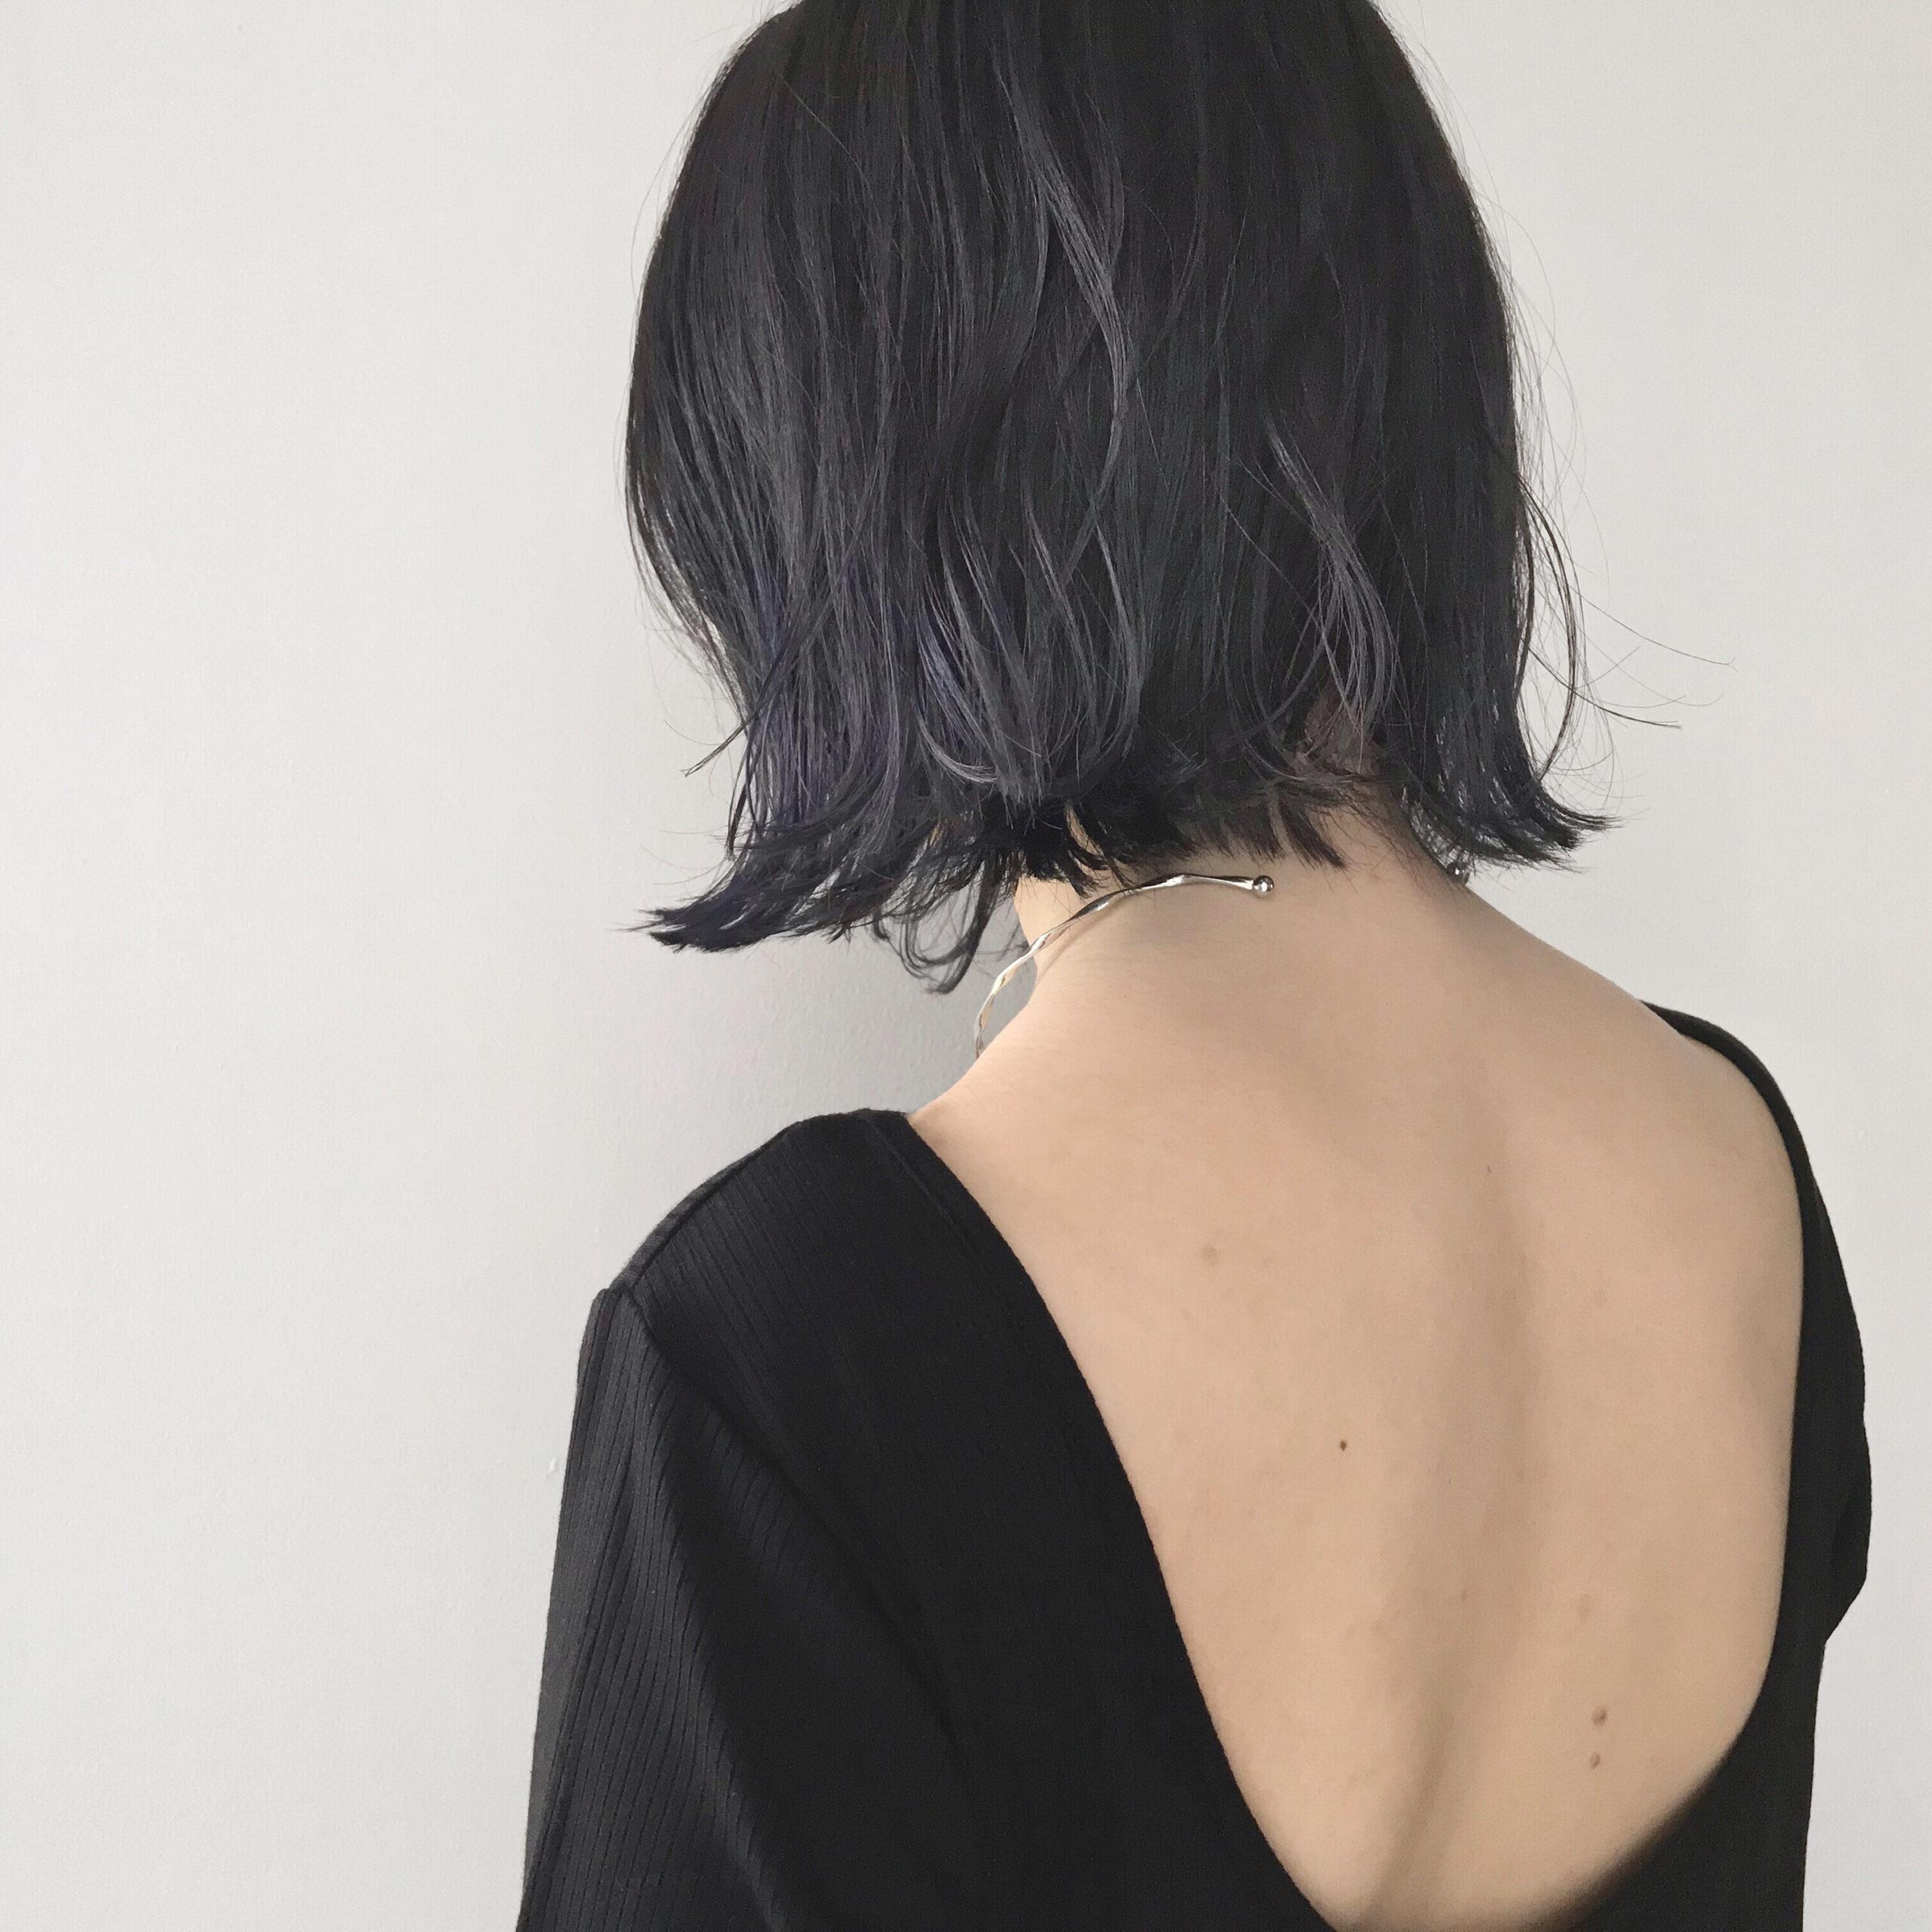 傷んだ髪は修復不可能なの?